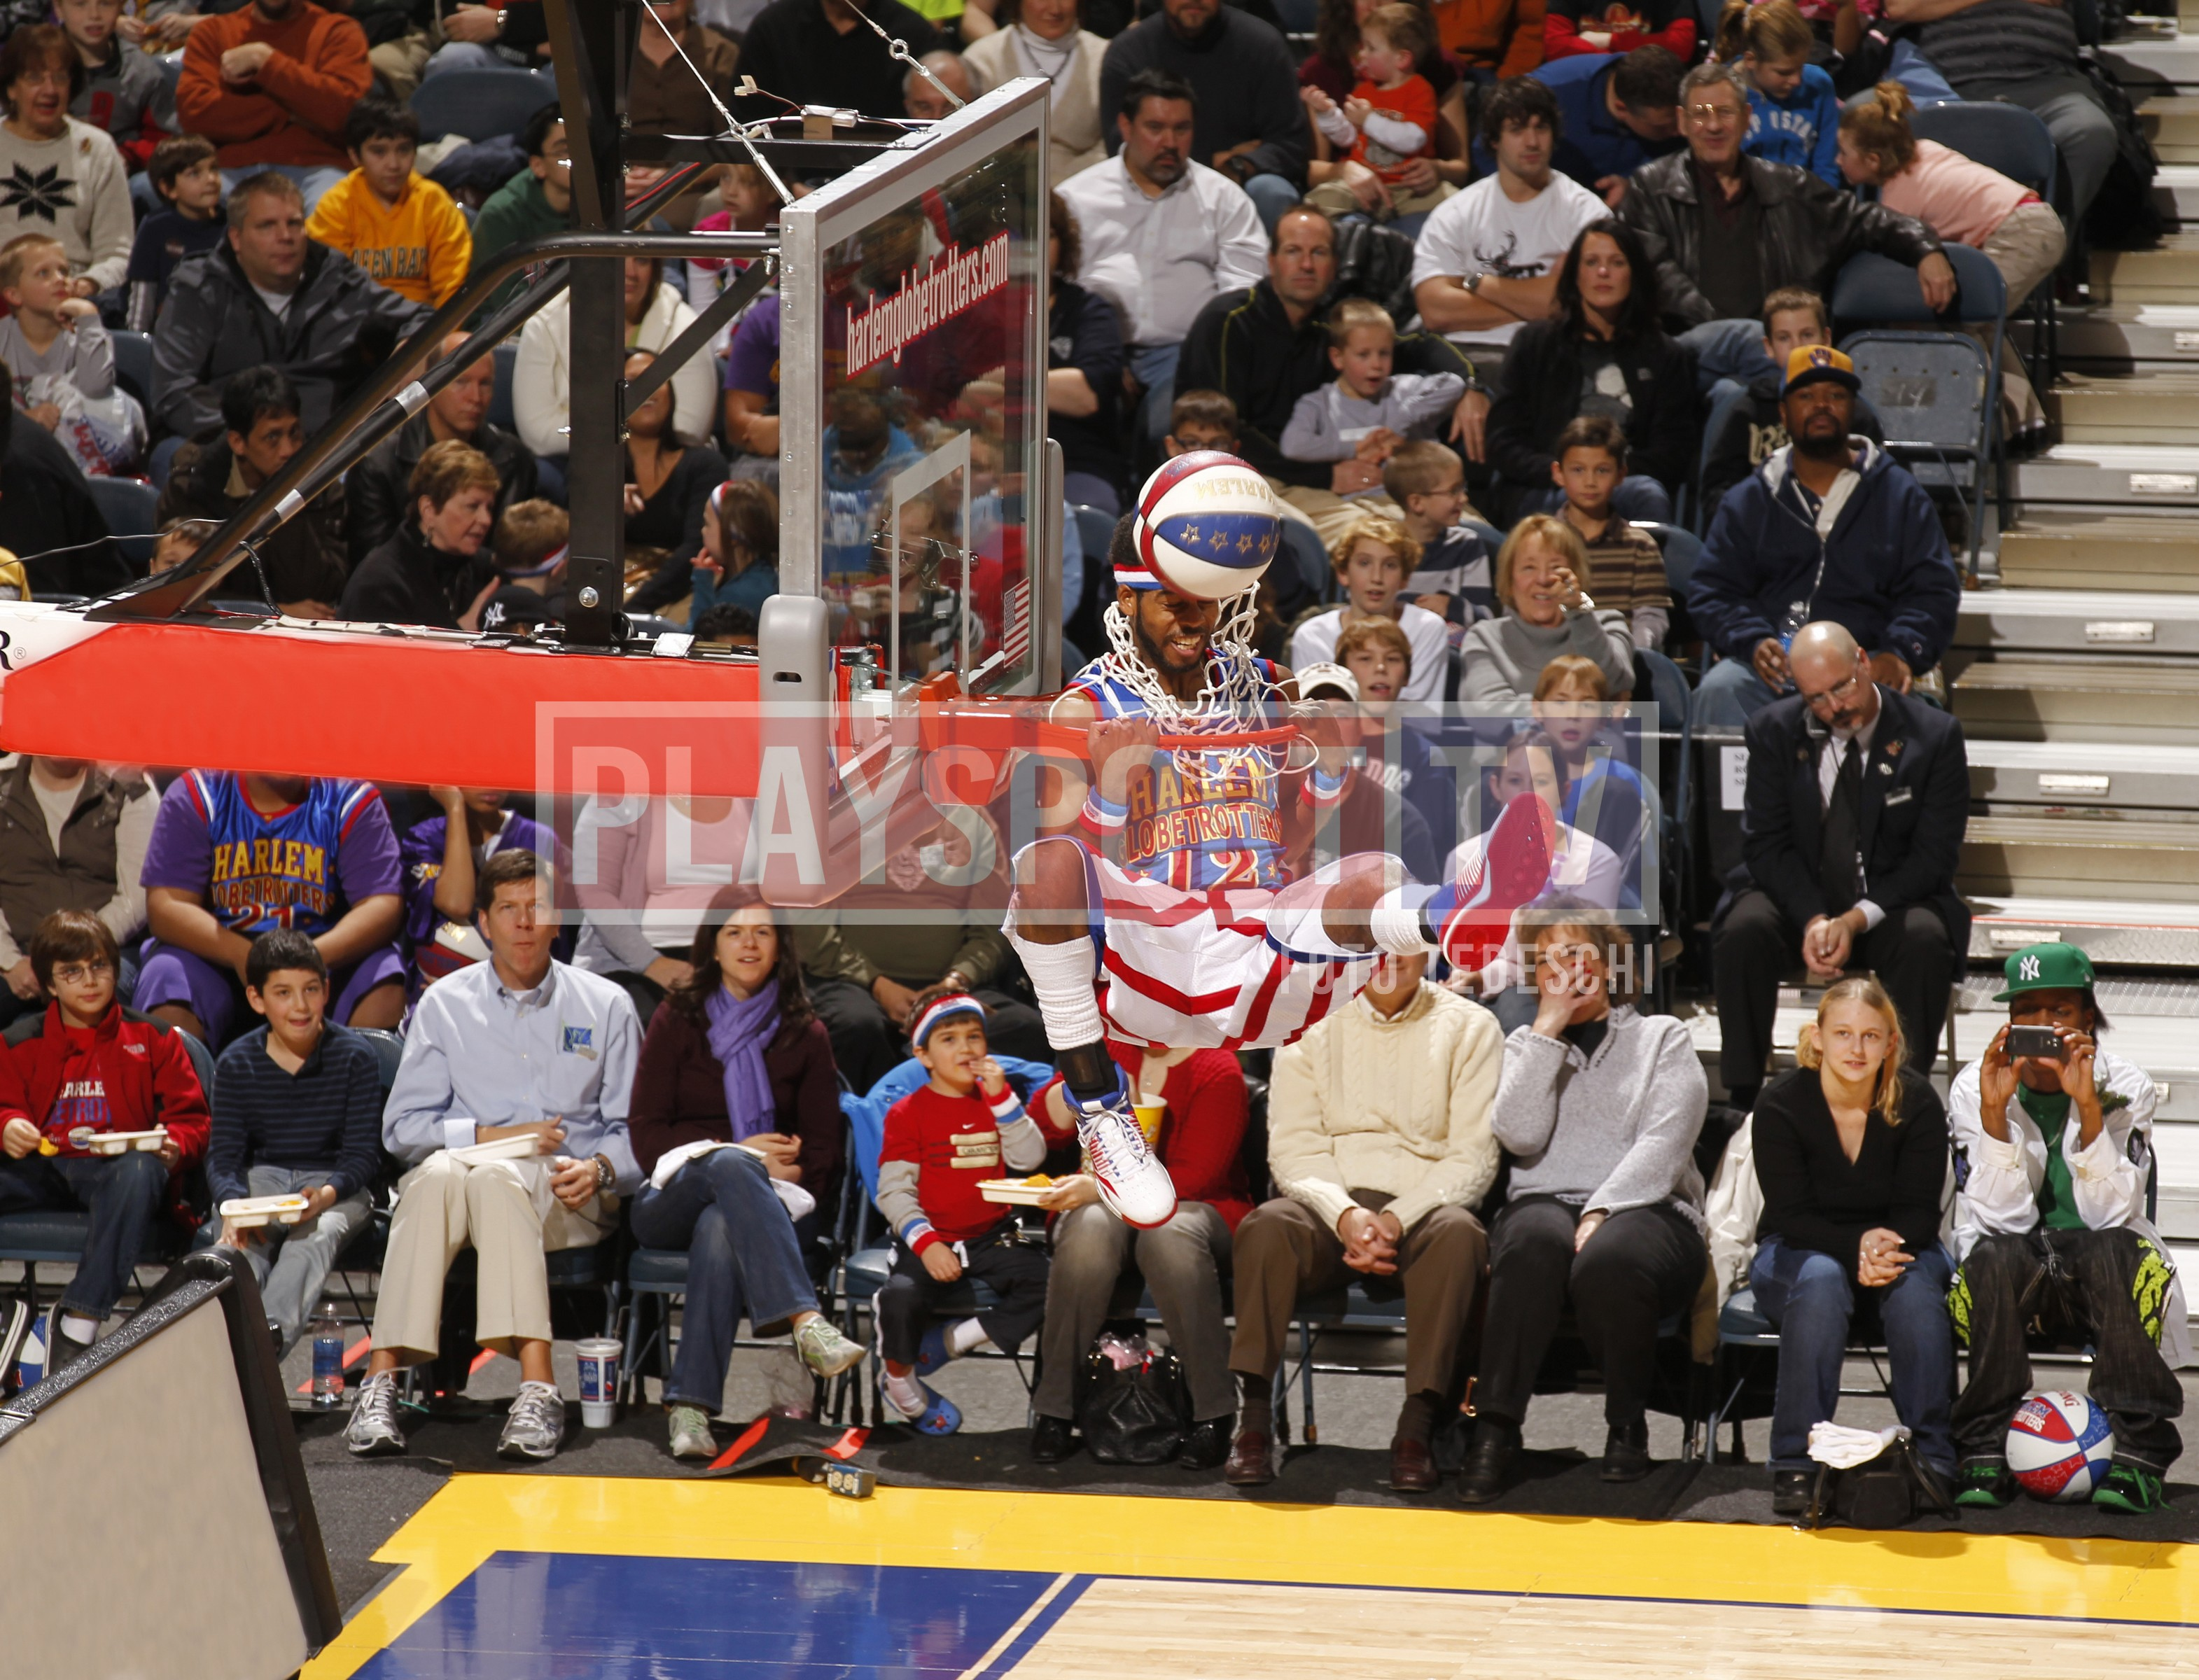 Basket, torna il grande spettacolo degli Harlem Globetrotters